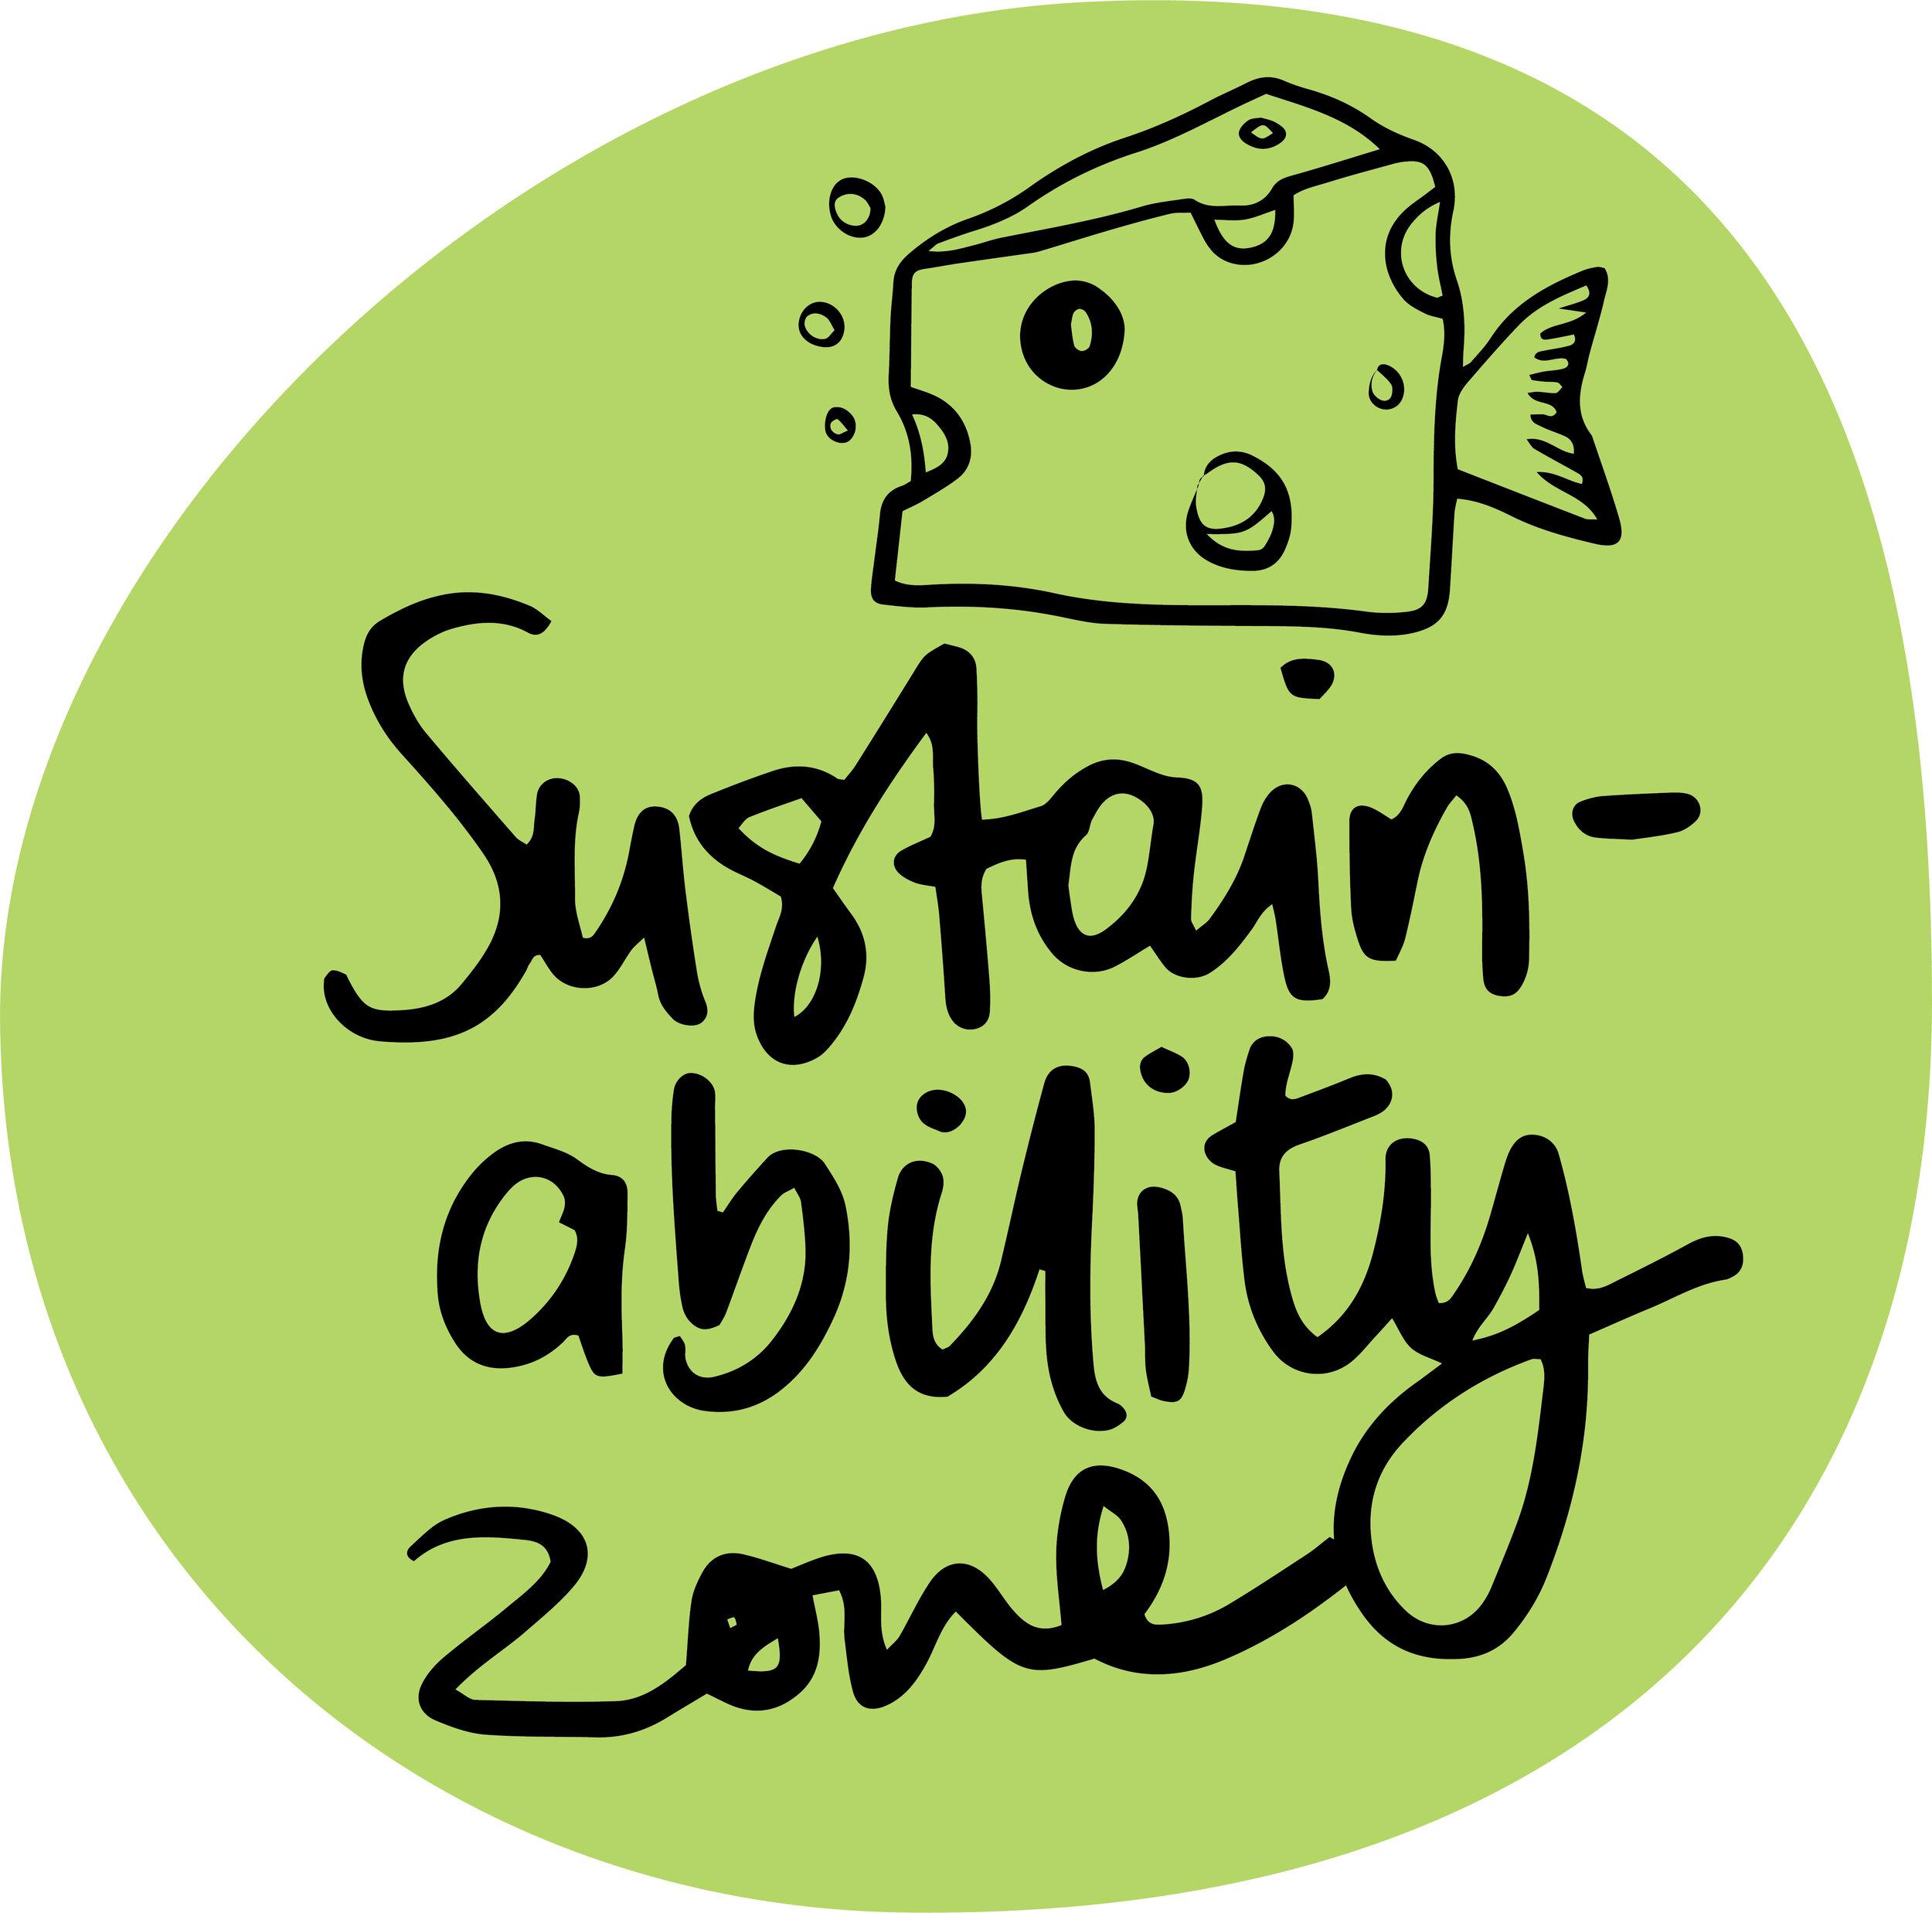 SustainabilityZone.jpg